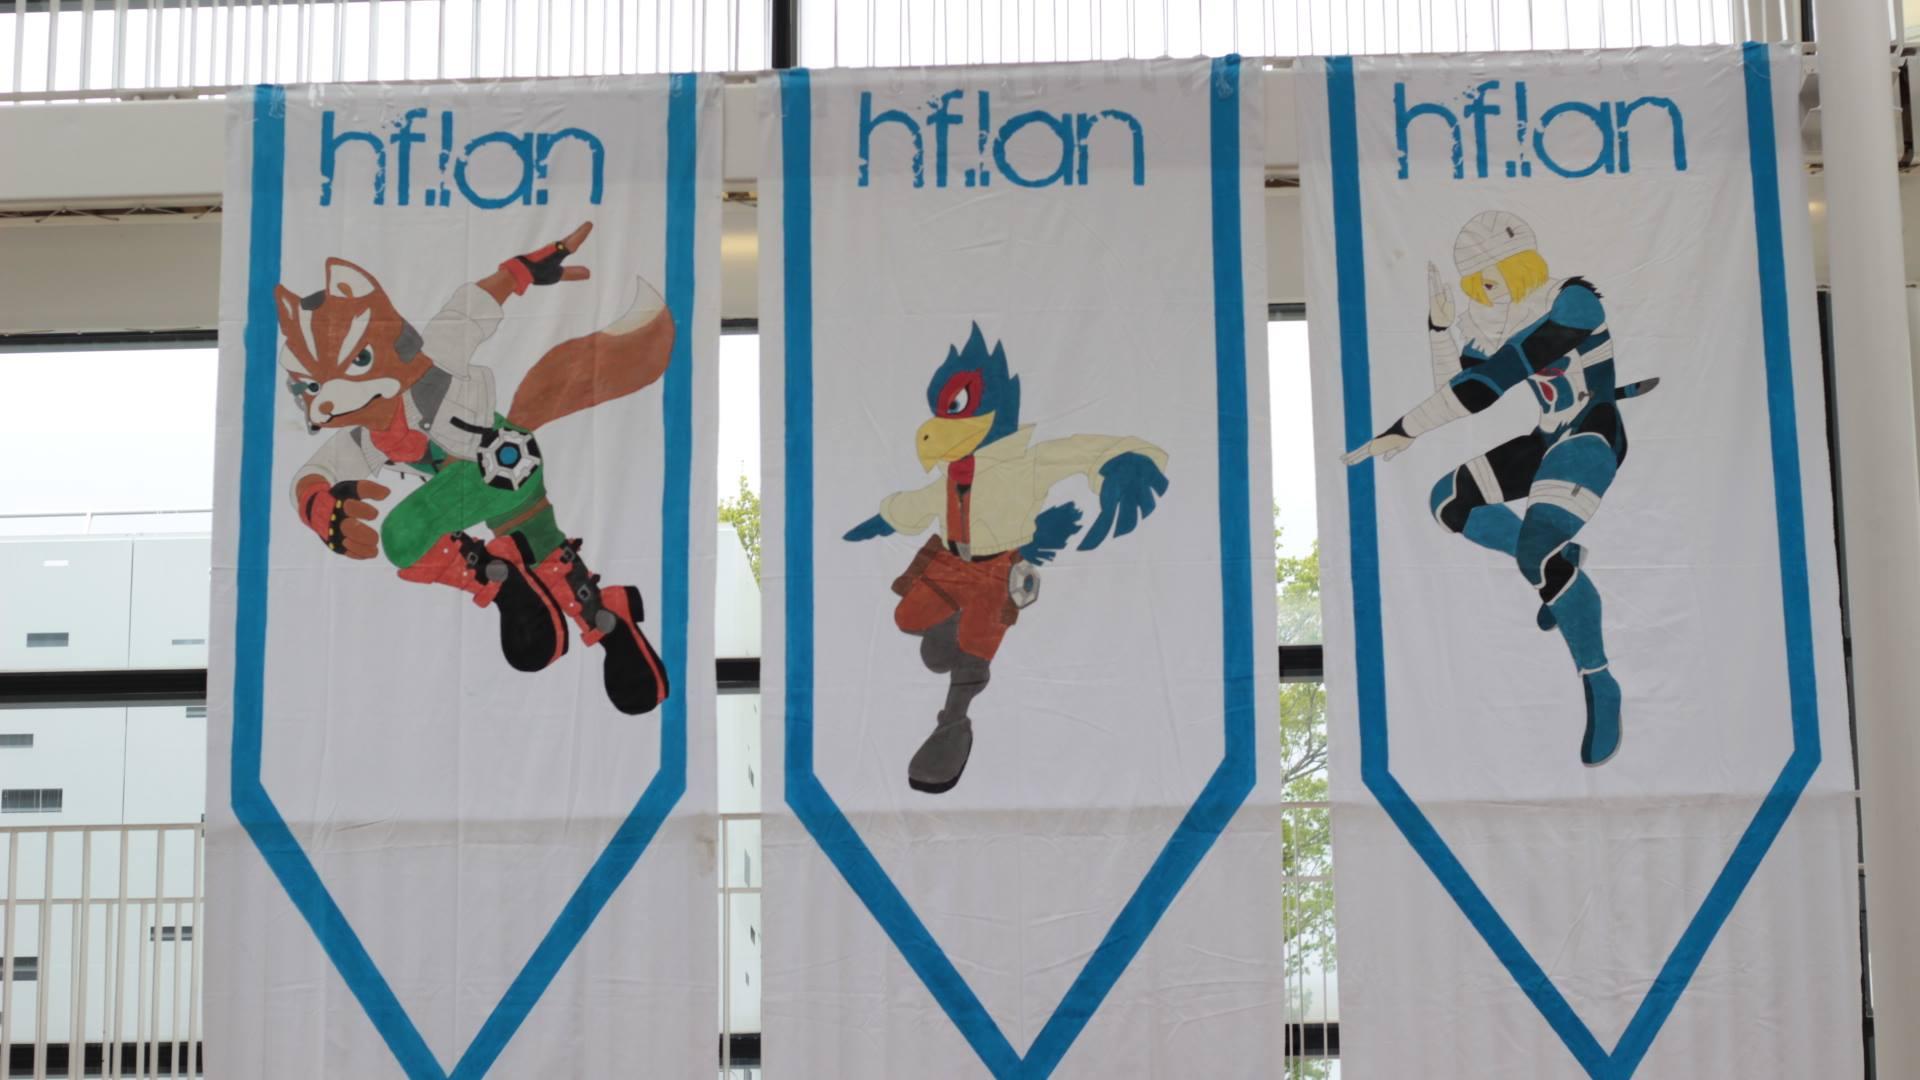 Les bannières de personnages, étendues dans la venue lors de la HFLAN Melee Edition 2017